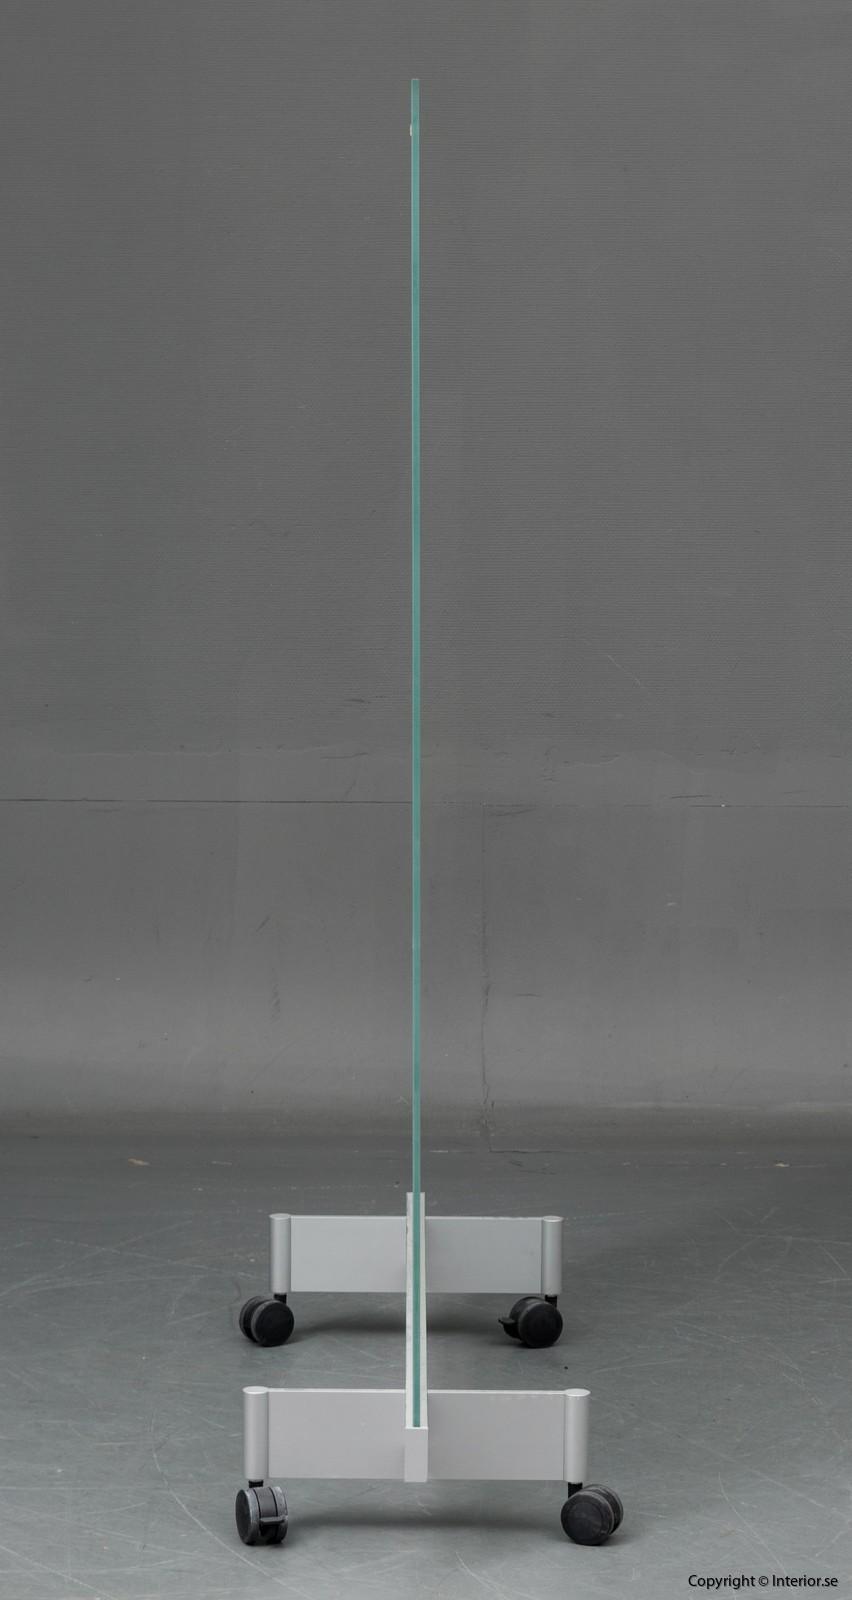 BORKS, flyttbara golvskärmväggar rumsavdelare glas och med hjul BORKS, Room Divider Space Divider with glass and casters 3